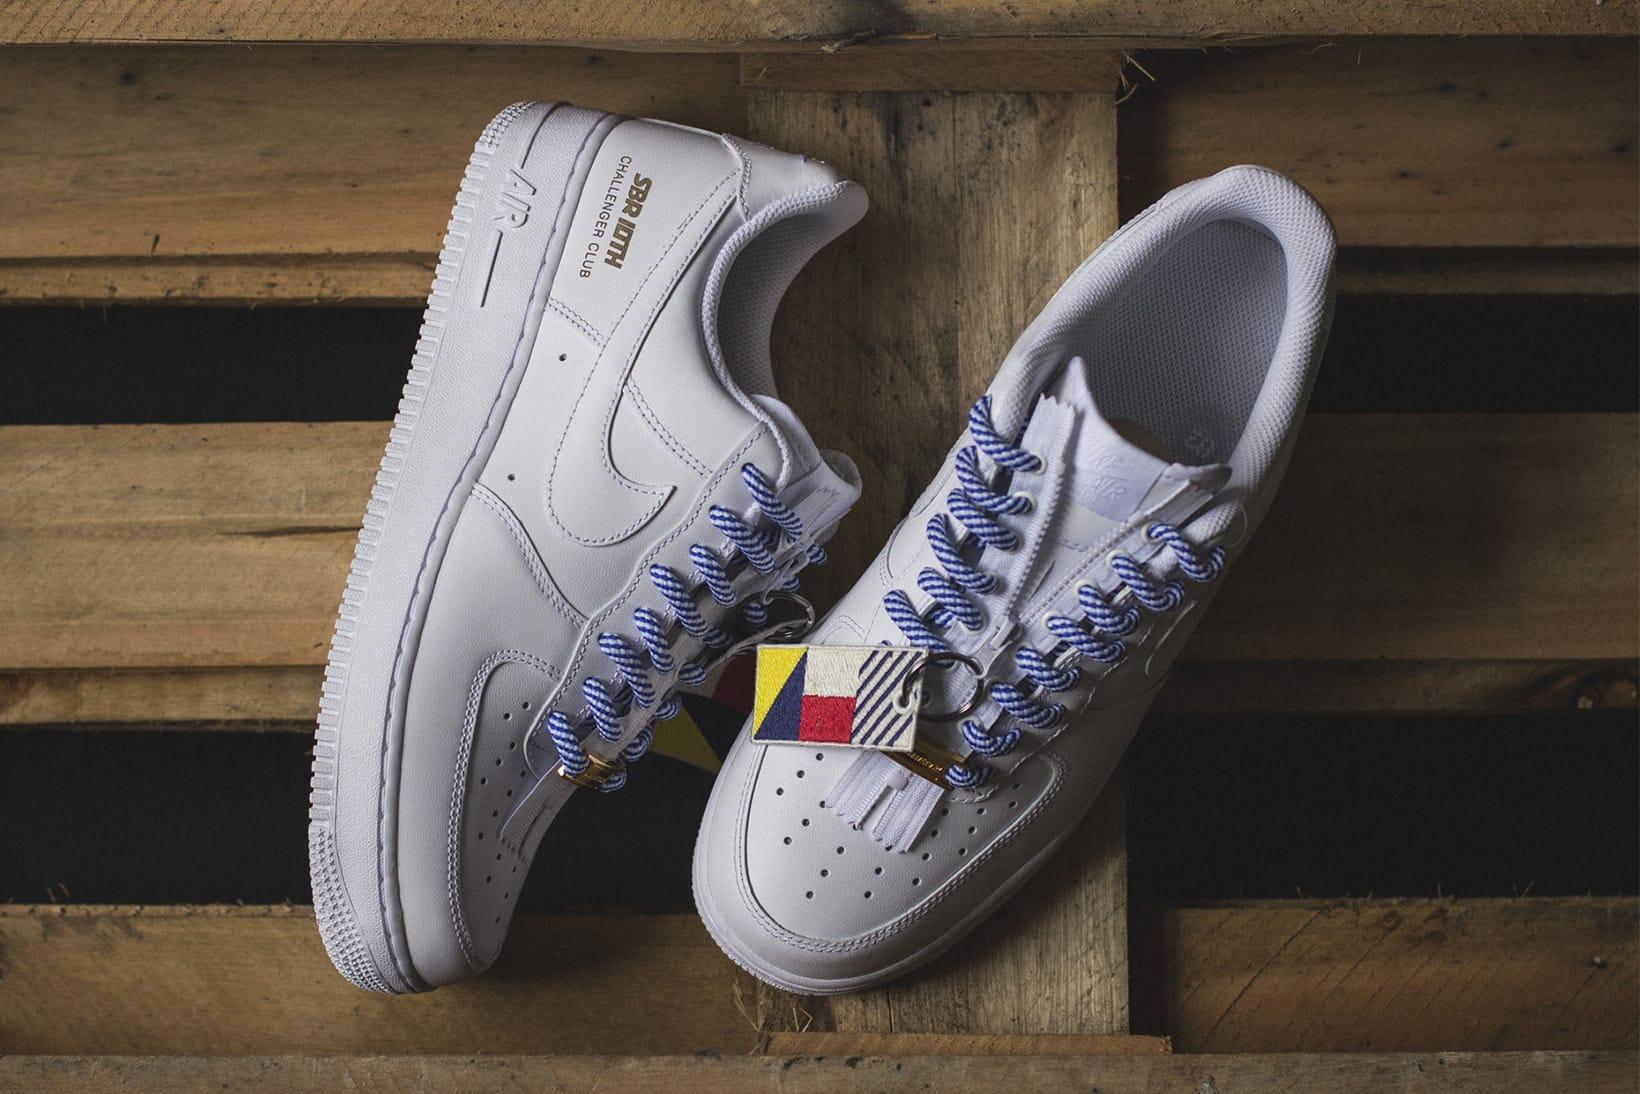 994da72400725c Buy Rare Nike Air Force 1 Gold Silver Rings Louis Vuitton Air Force ...